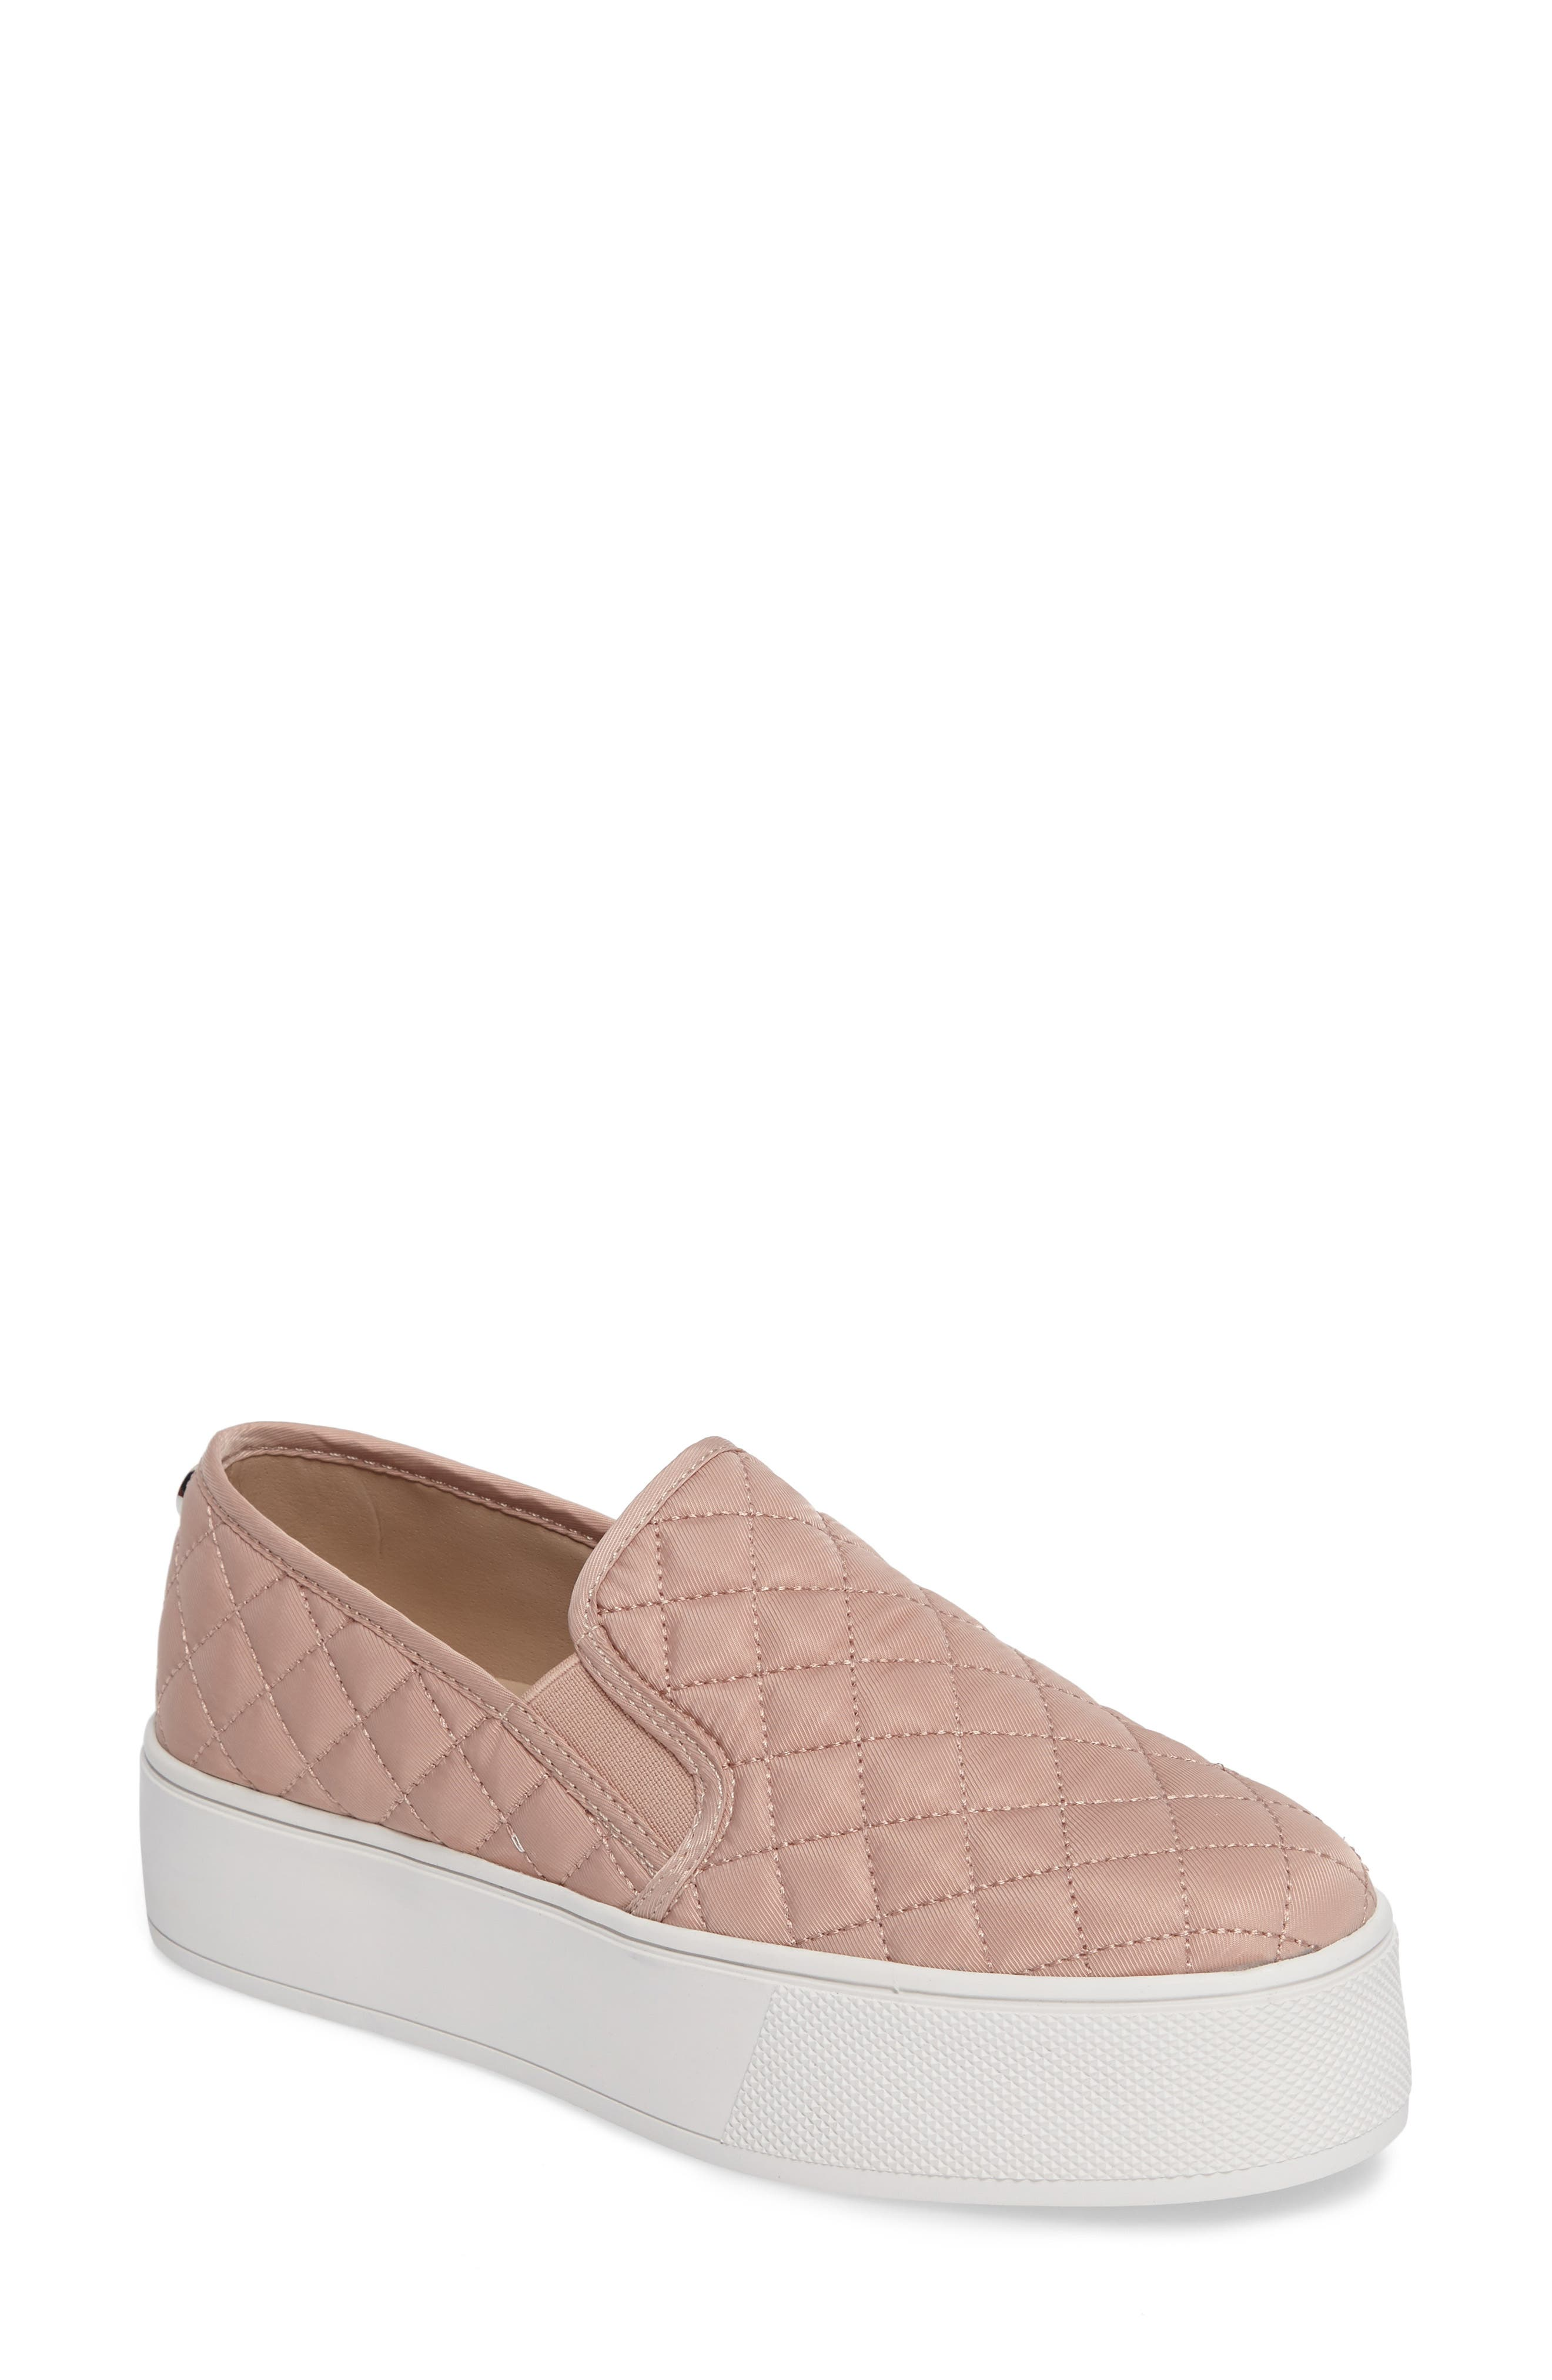 STEVE MADDEN Ecentrcq Quilted Platform Sneaker